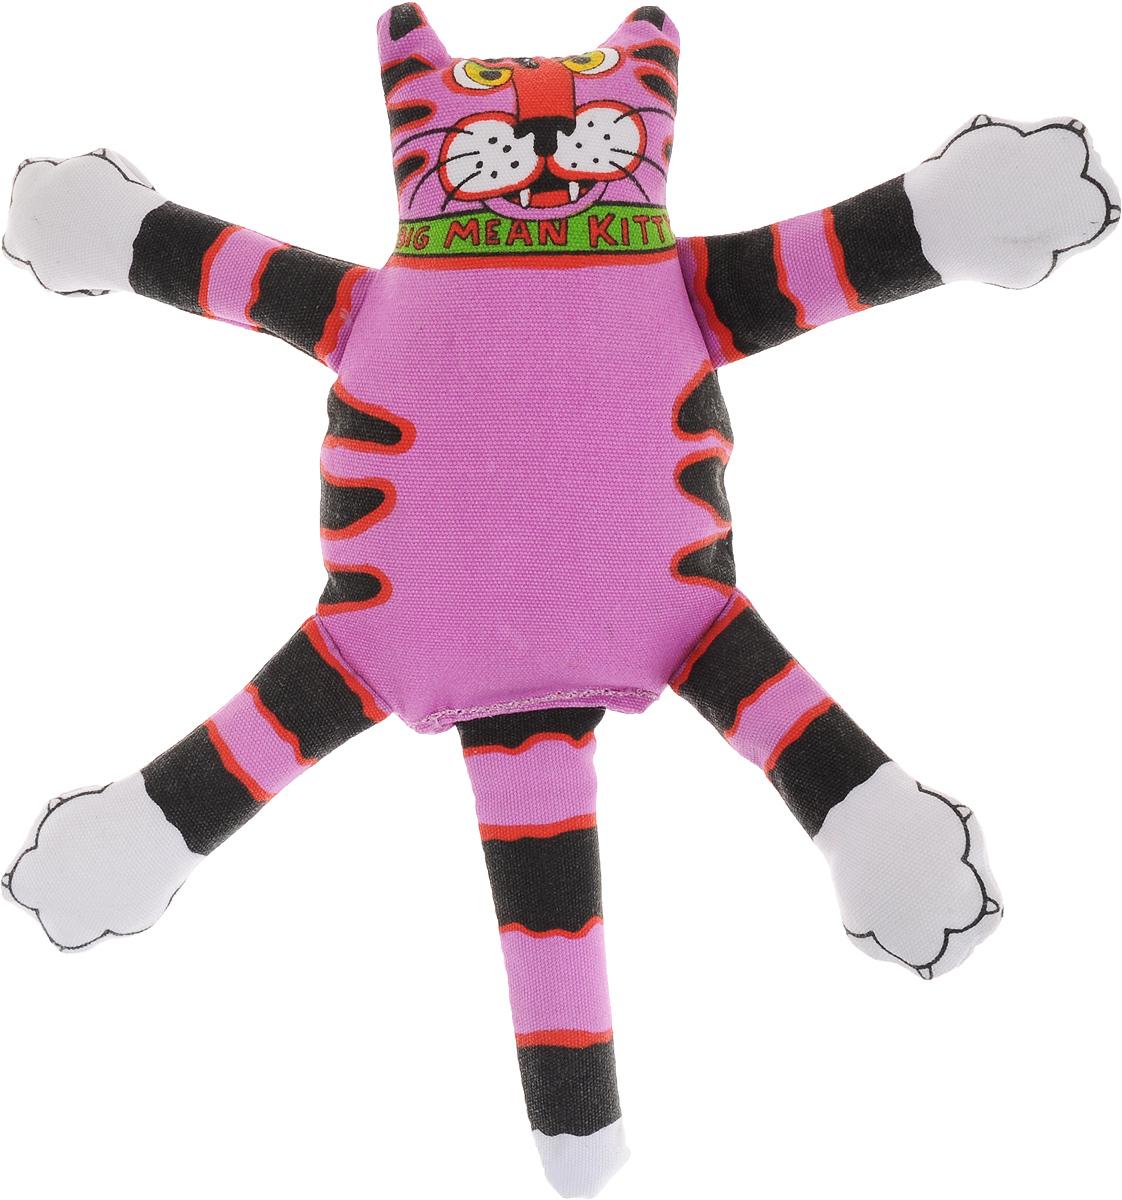 Игрушка для собак Fat Cat Кот-забияка, цвет: фиолетовый, черный0120710Игрушка Fat Cat Кот-забияка - это мечта каждой собаки, которая хочет потрепать кота и получить от этого удовольствие. Кот в свою очередь – не просто яркая игрушка с нахальной мордой, это забияка, который подразнит вашего любимца и даст сдачи во время игры, при тряске он машет лапами и шлепает ими собаку по голове. Внутри игрушки пищалка, срабатывающая при нажатии.Забавное времяпрепровождение вашему другу просто обеспечено! Подойдет для собак средних размеров.